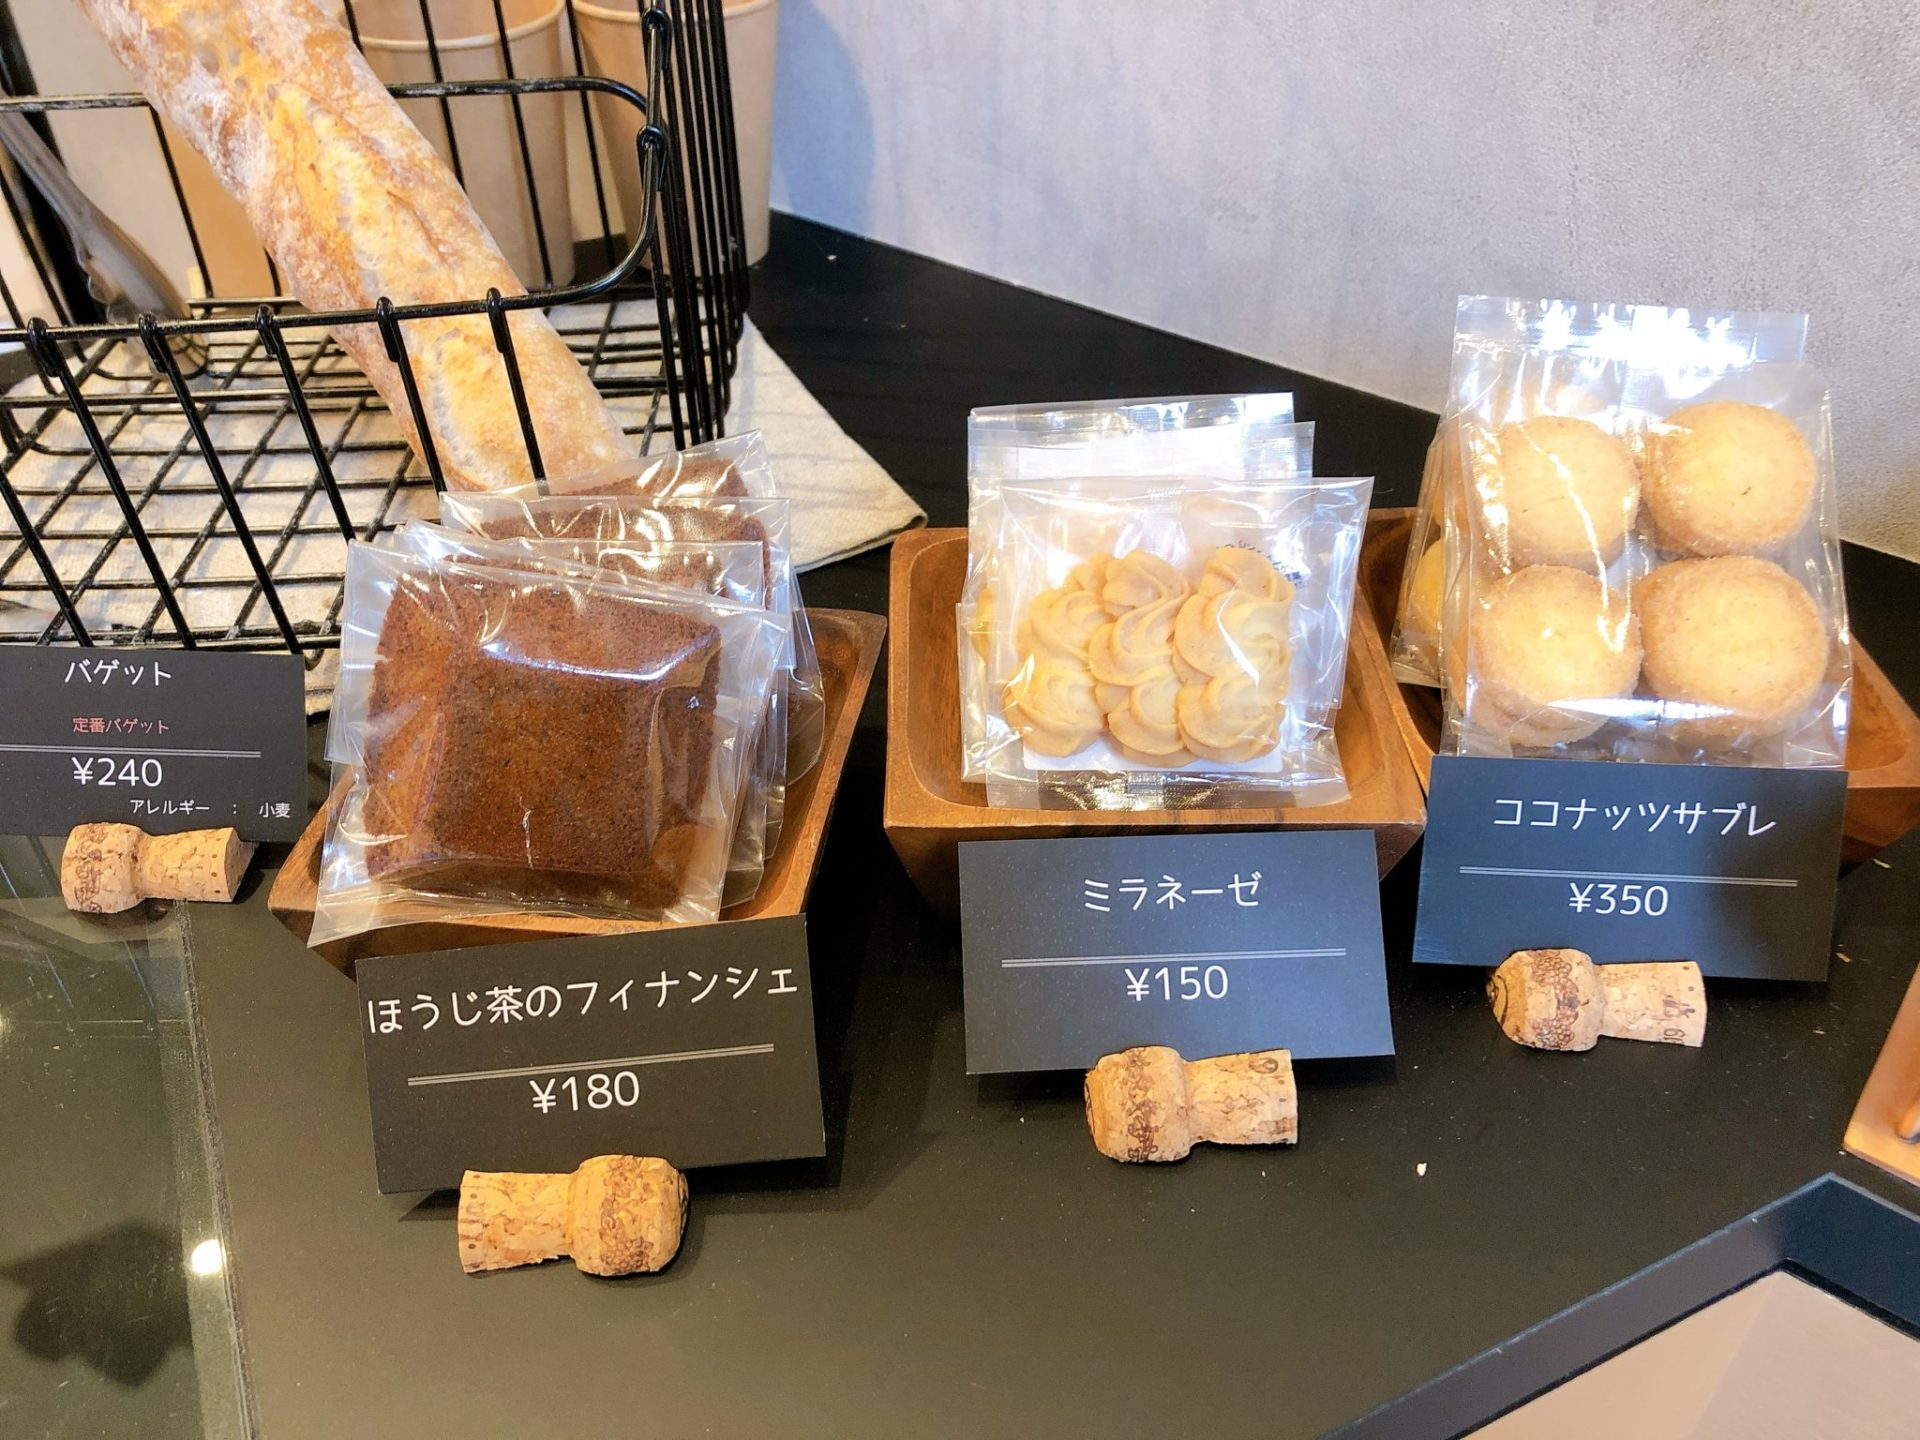 カフェカルディーノ 世田谷代田店の焼き菓子